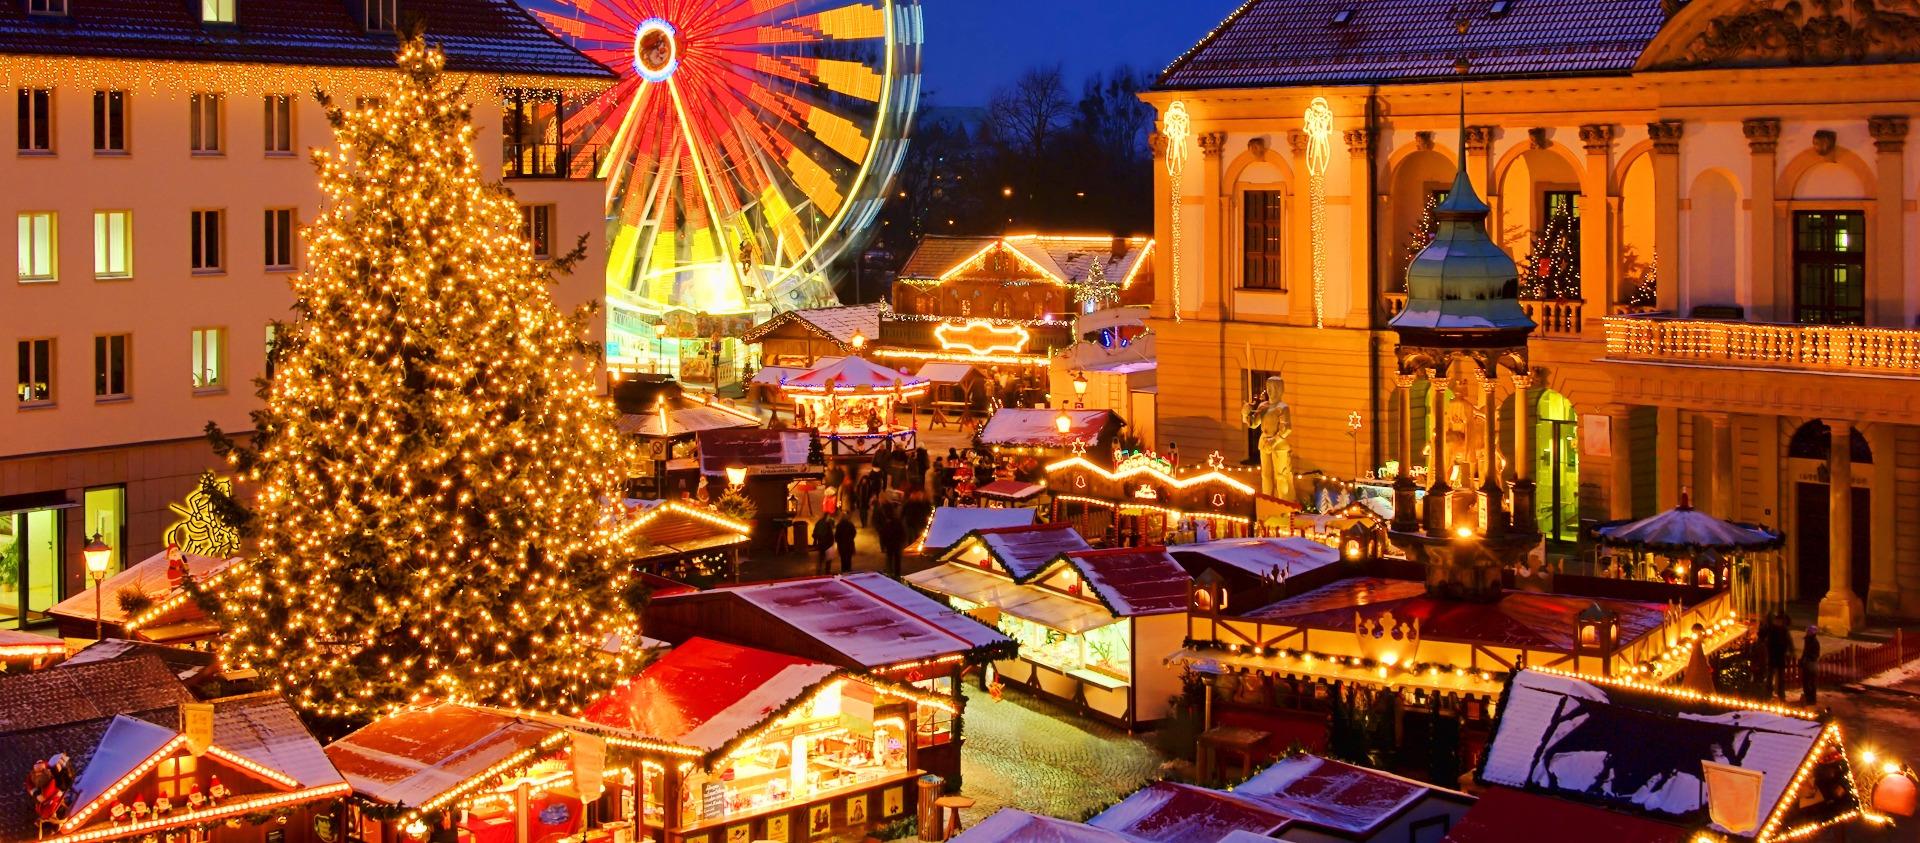 Kerstmarkten 2018 Deze 12 Steden Mag Je Niet Missen